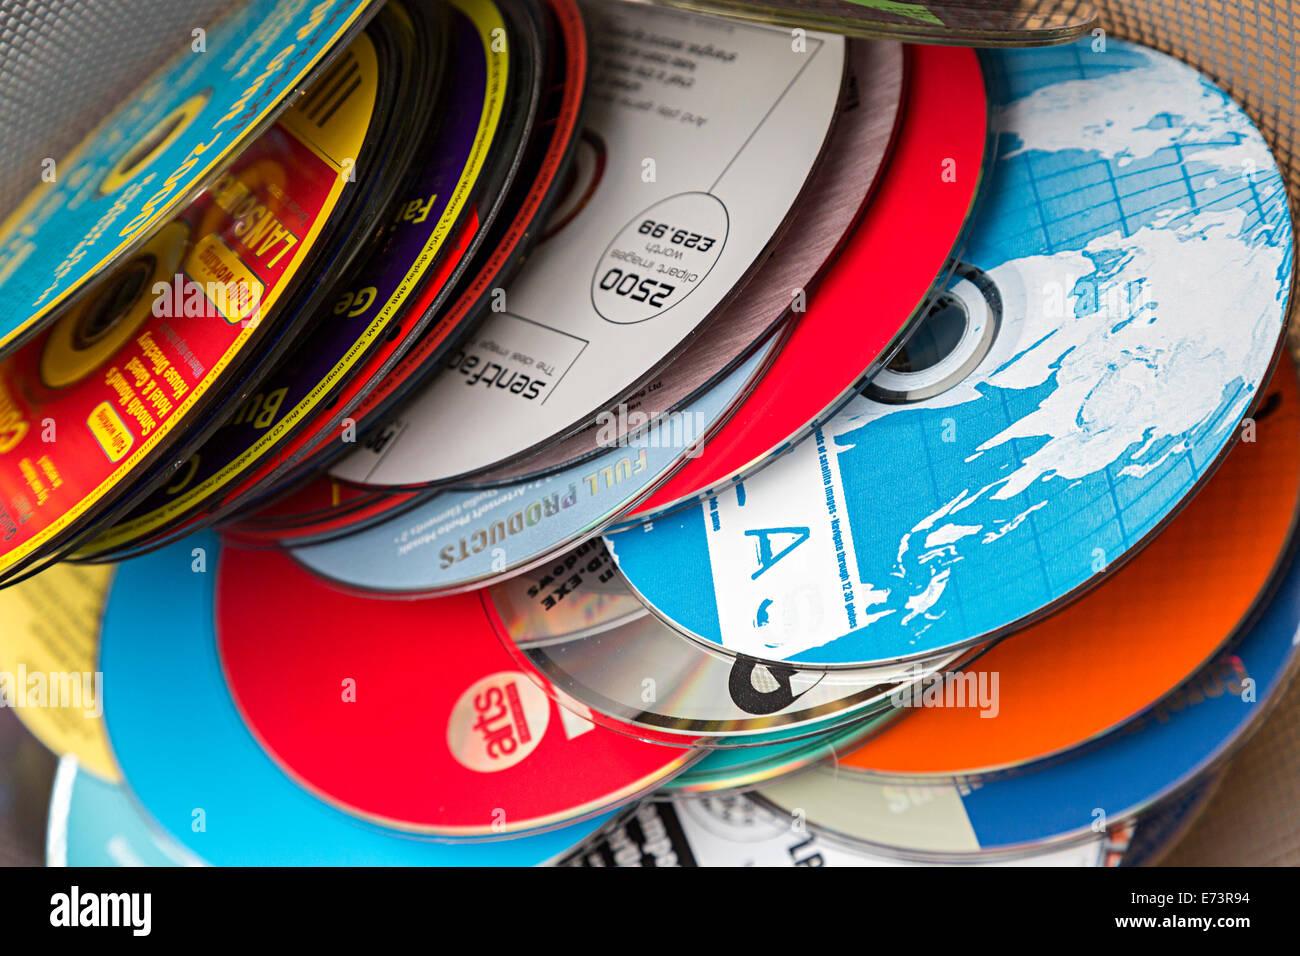 Des tas de vieux CD-ROM disques du logiciel libre avec la presse informatique pour élimination Photo Stock